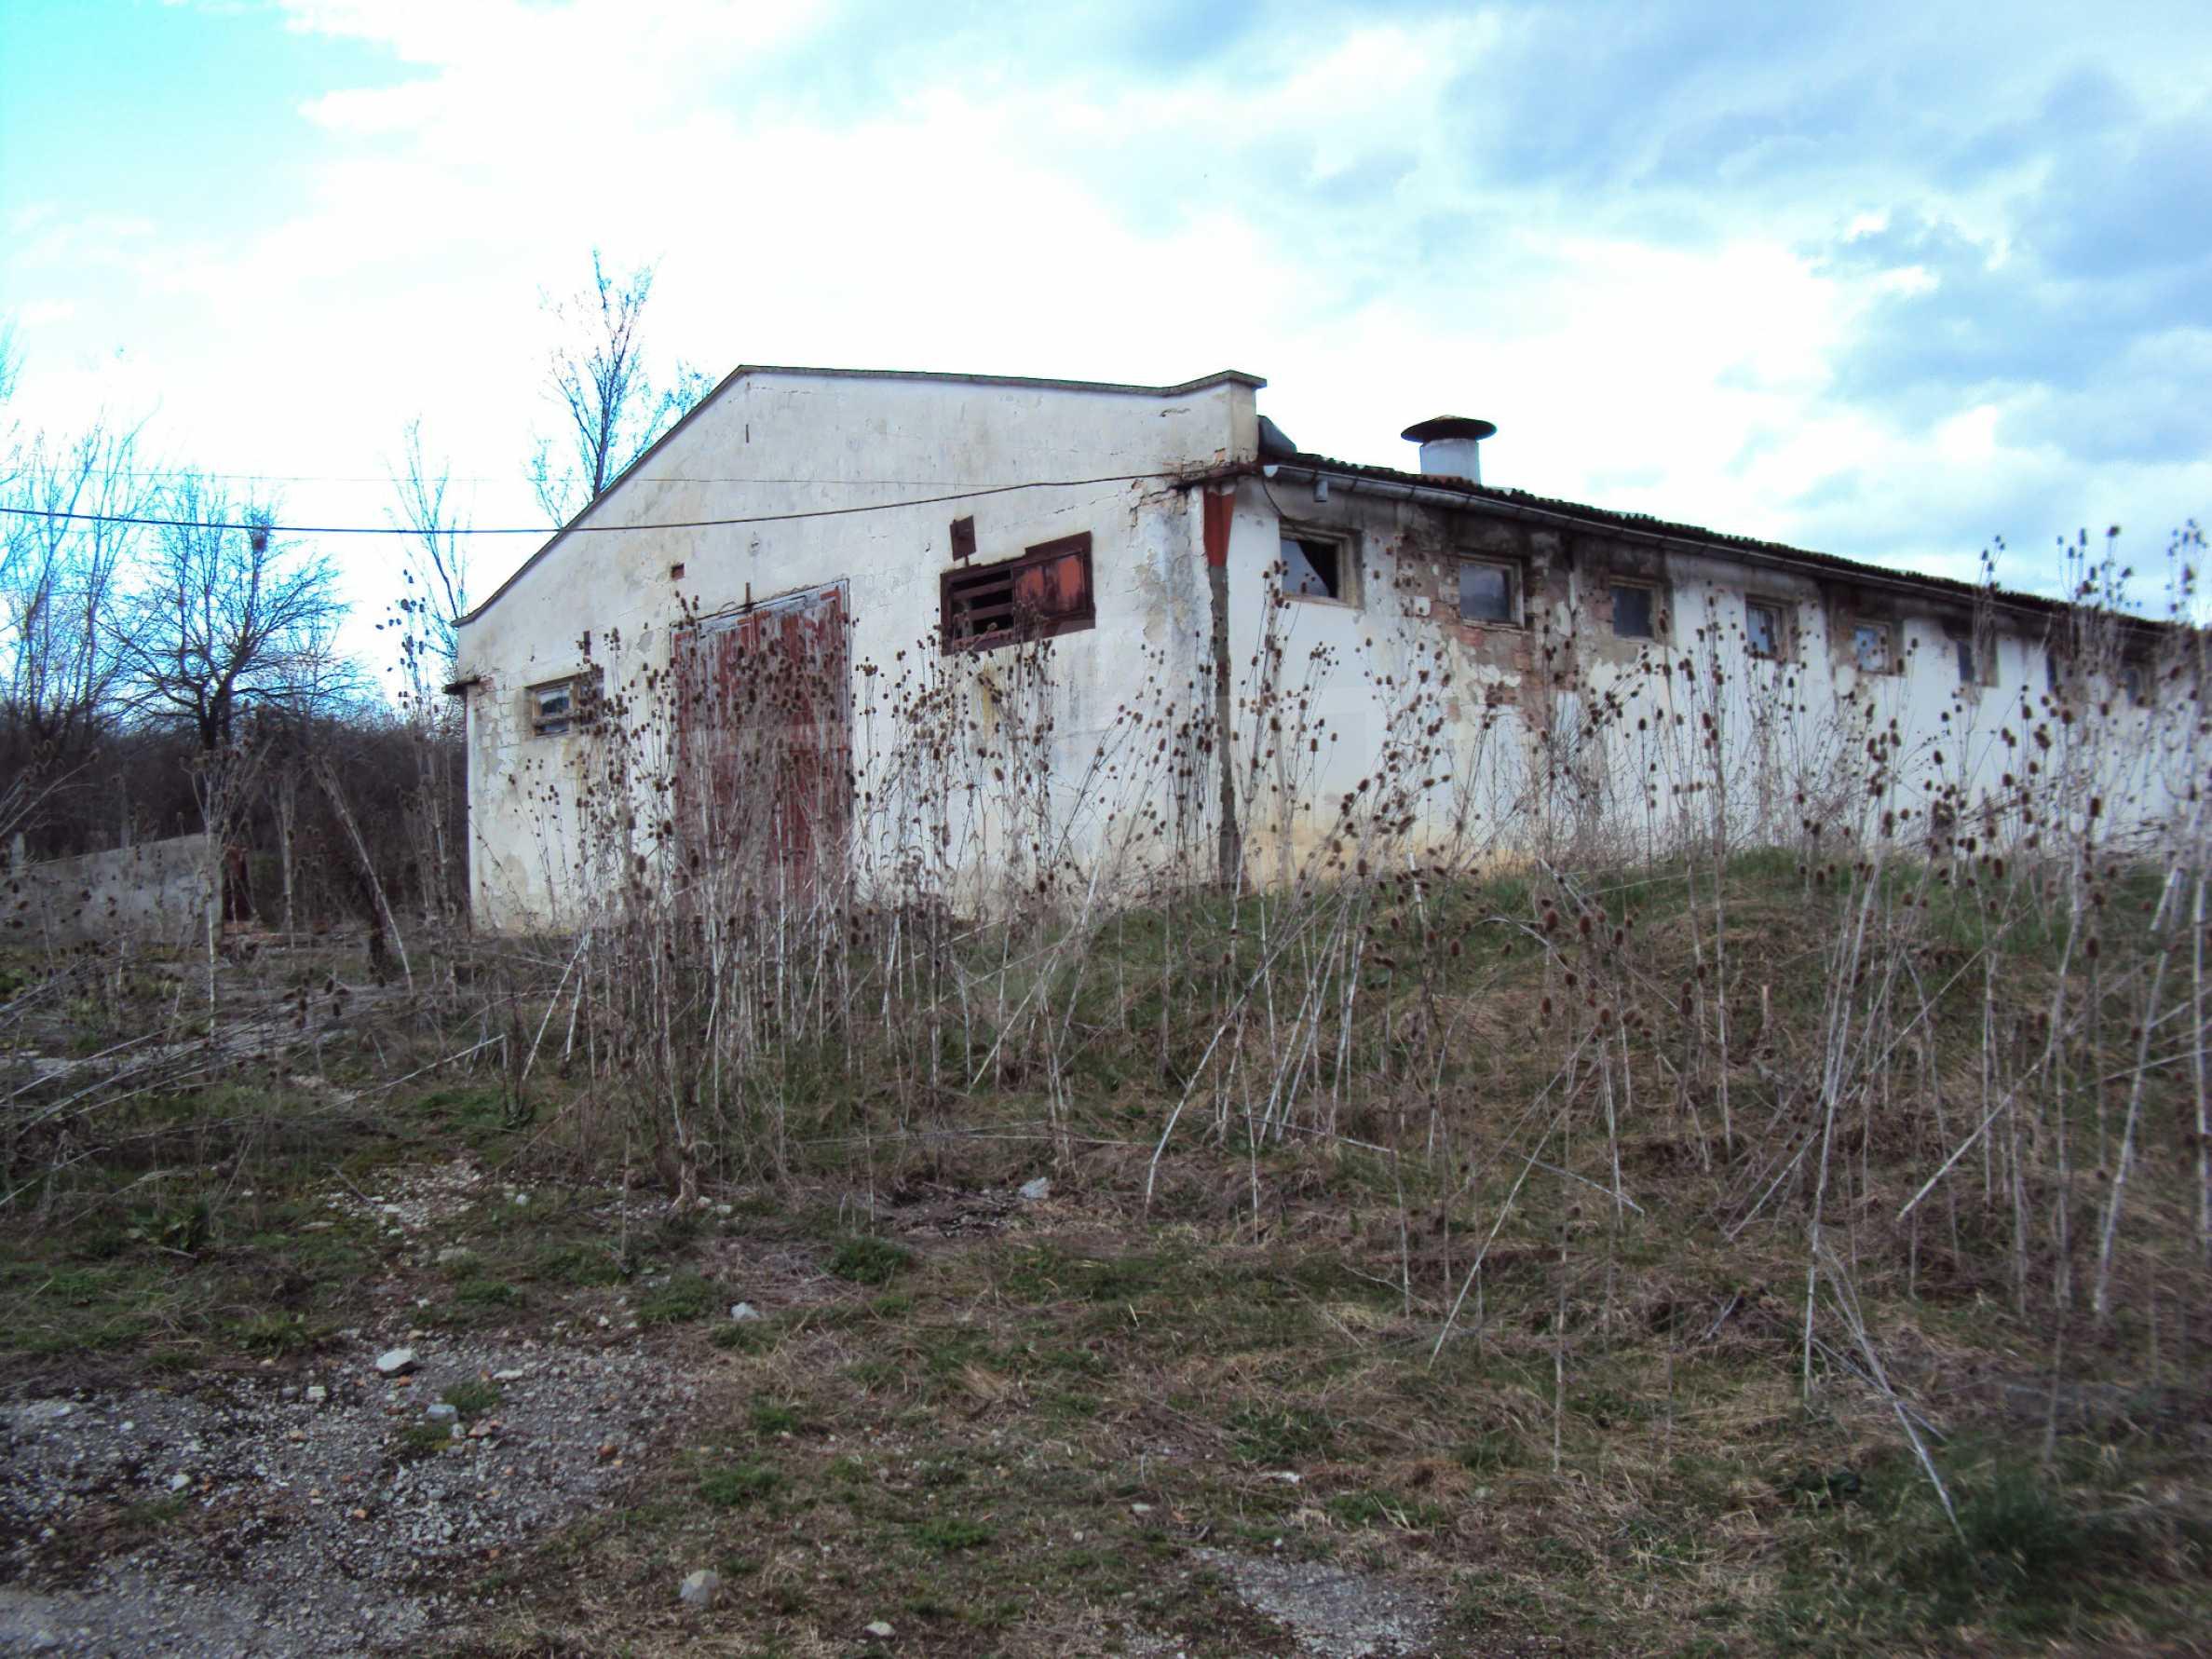 Ein Nebengebäude in einer kleinen Stadt 24 km von Veliko Tarnovo entfernt 16